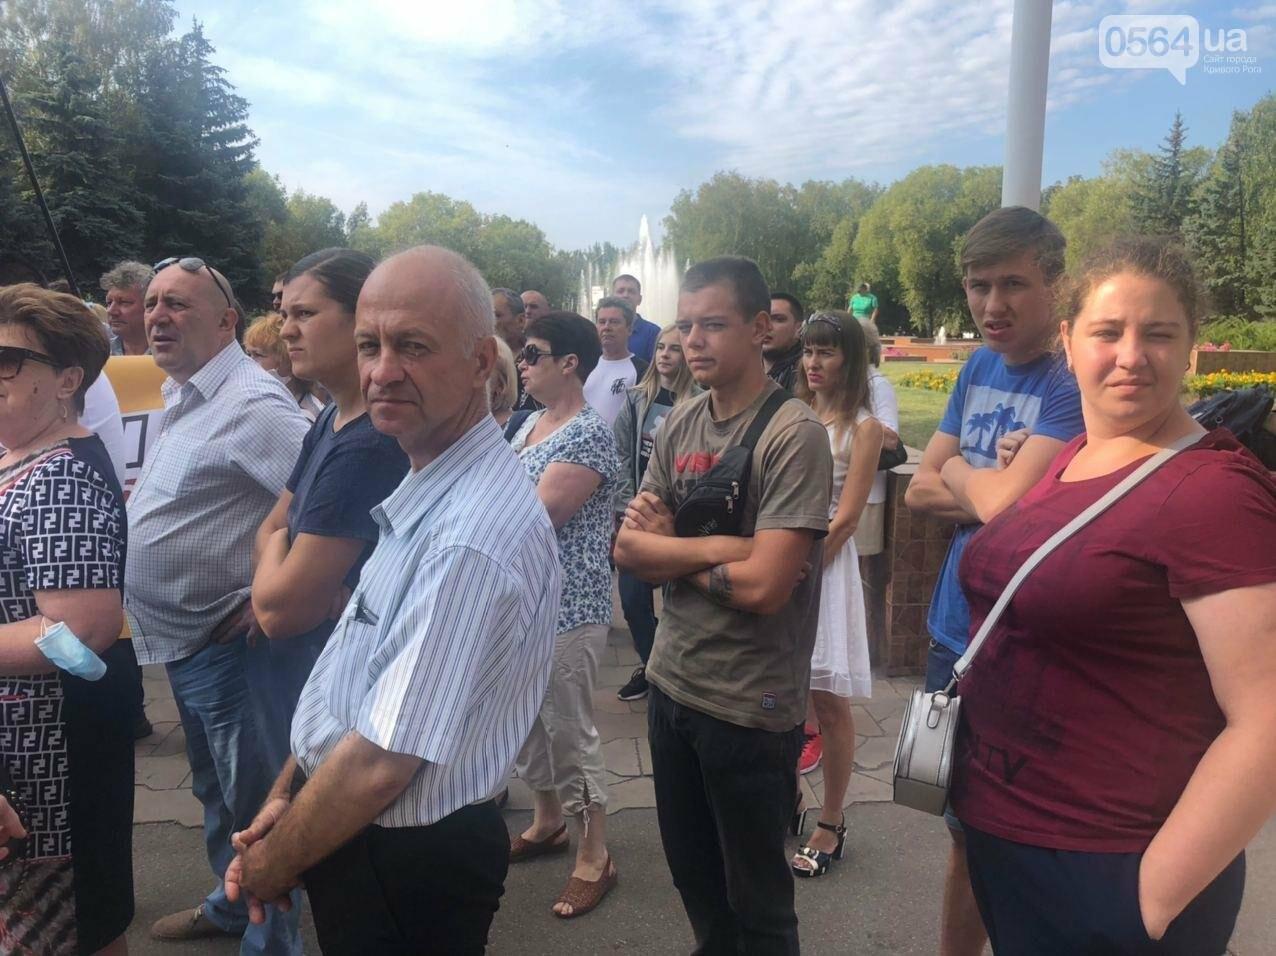 Криворожские предприниматели снова вышли на акцию, - ФОТО, фото-9